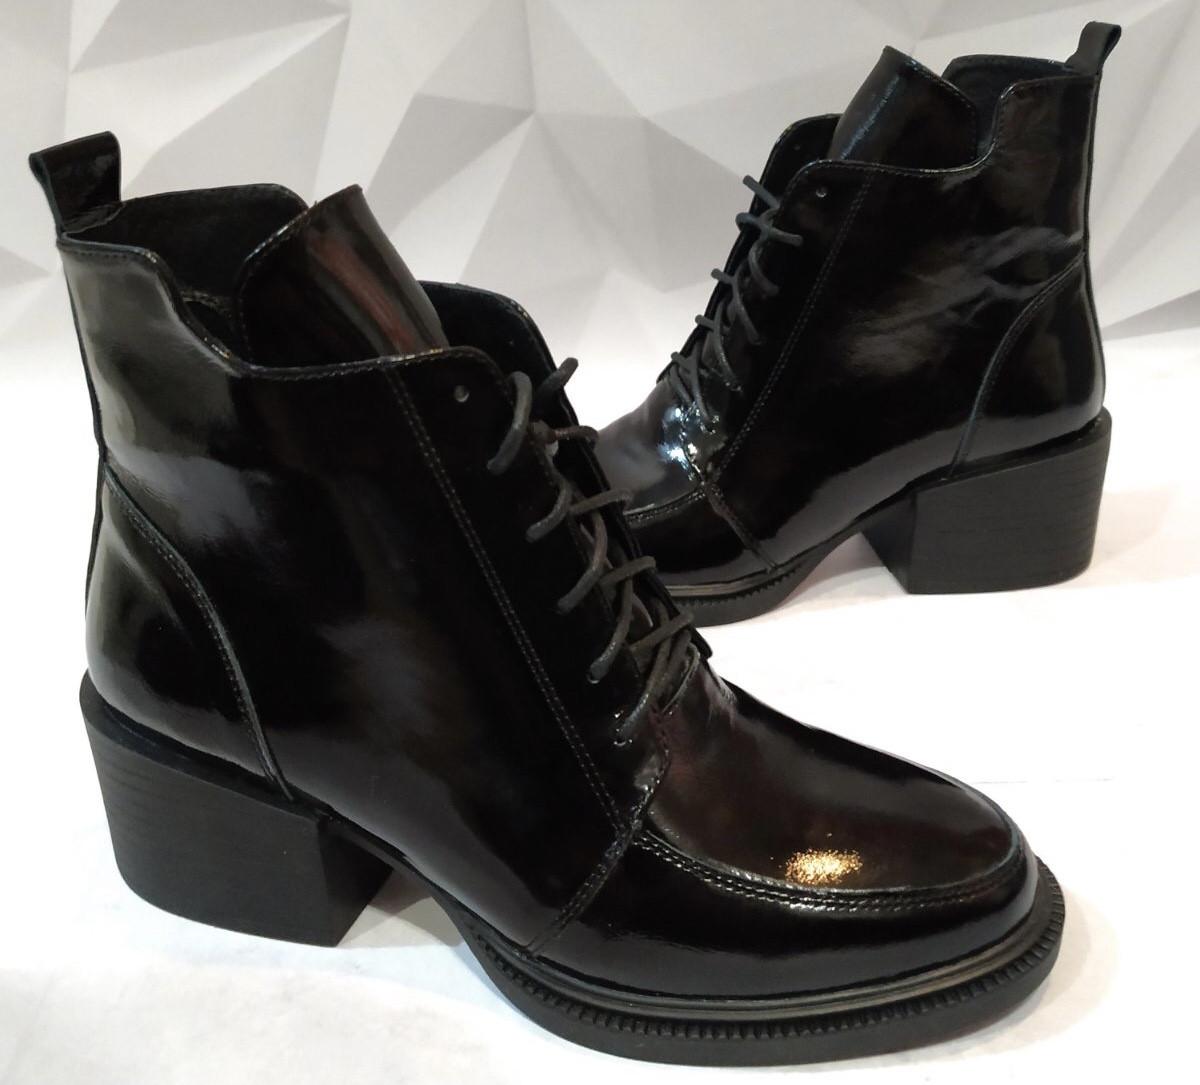 Dolce Gabbana Женские кожаные лаковыезимние ботинки полуботинки на шнуровке, со змейкой средний каблук. Зима.